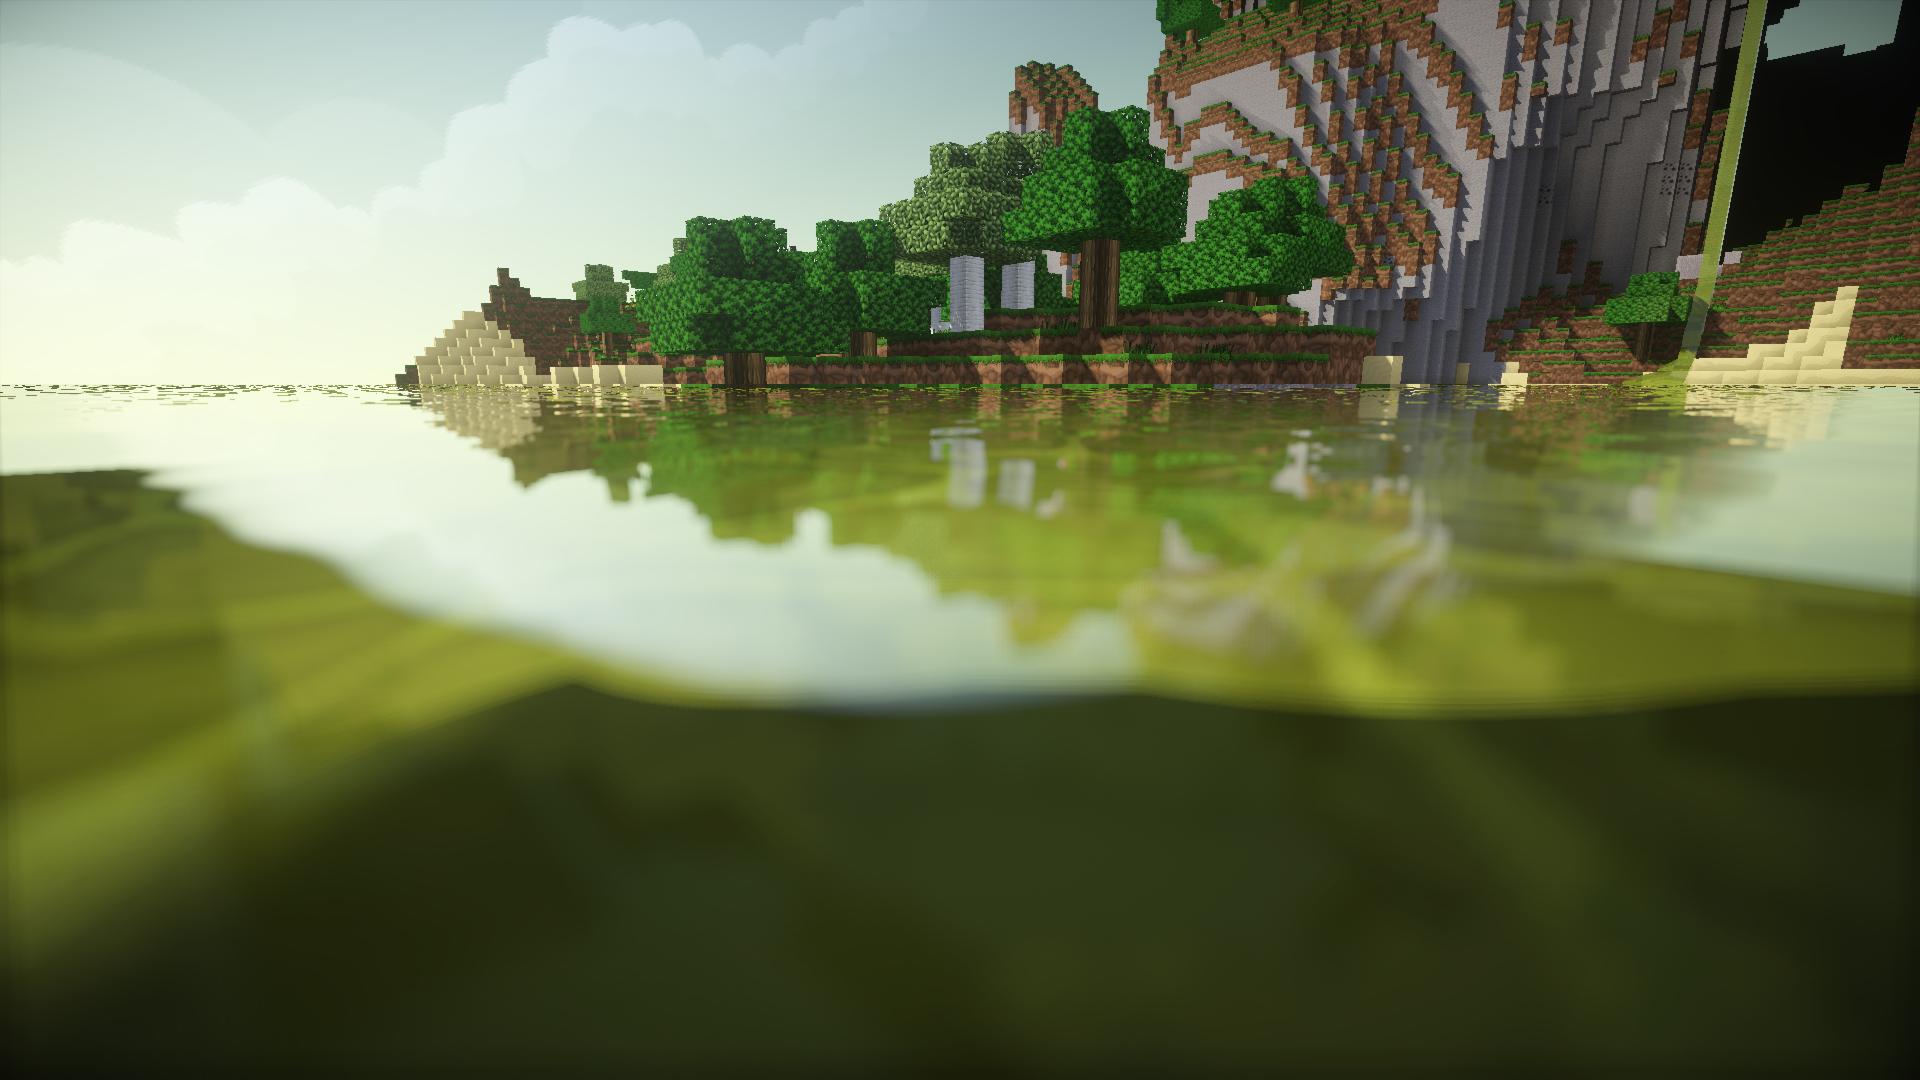 fond-d-écran-minecraft-paysage